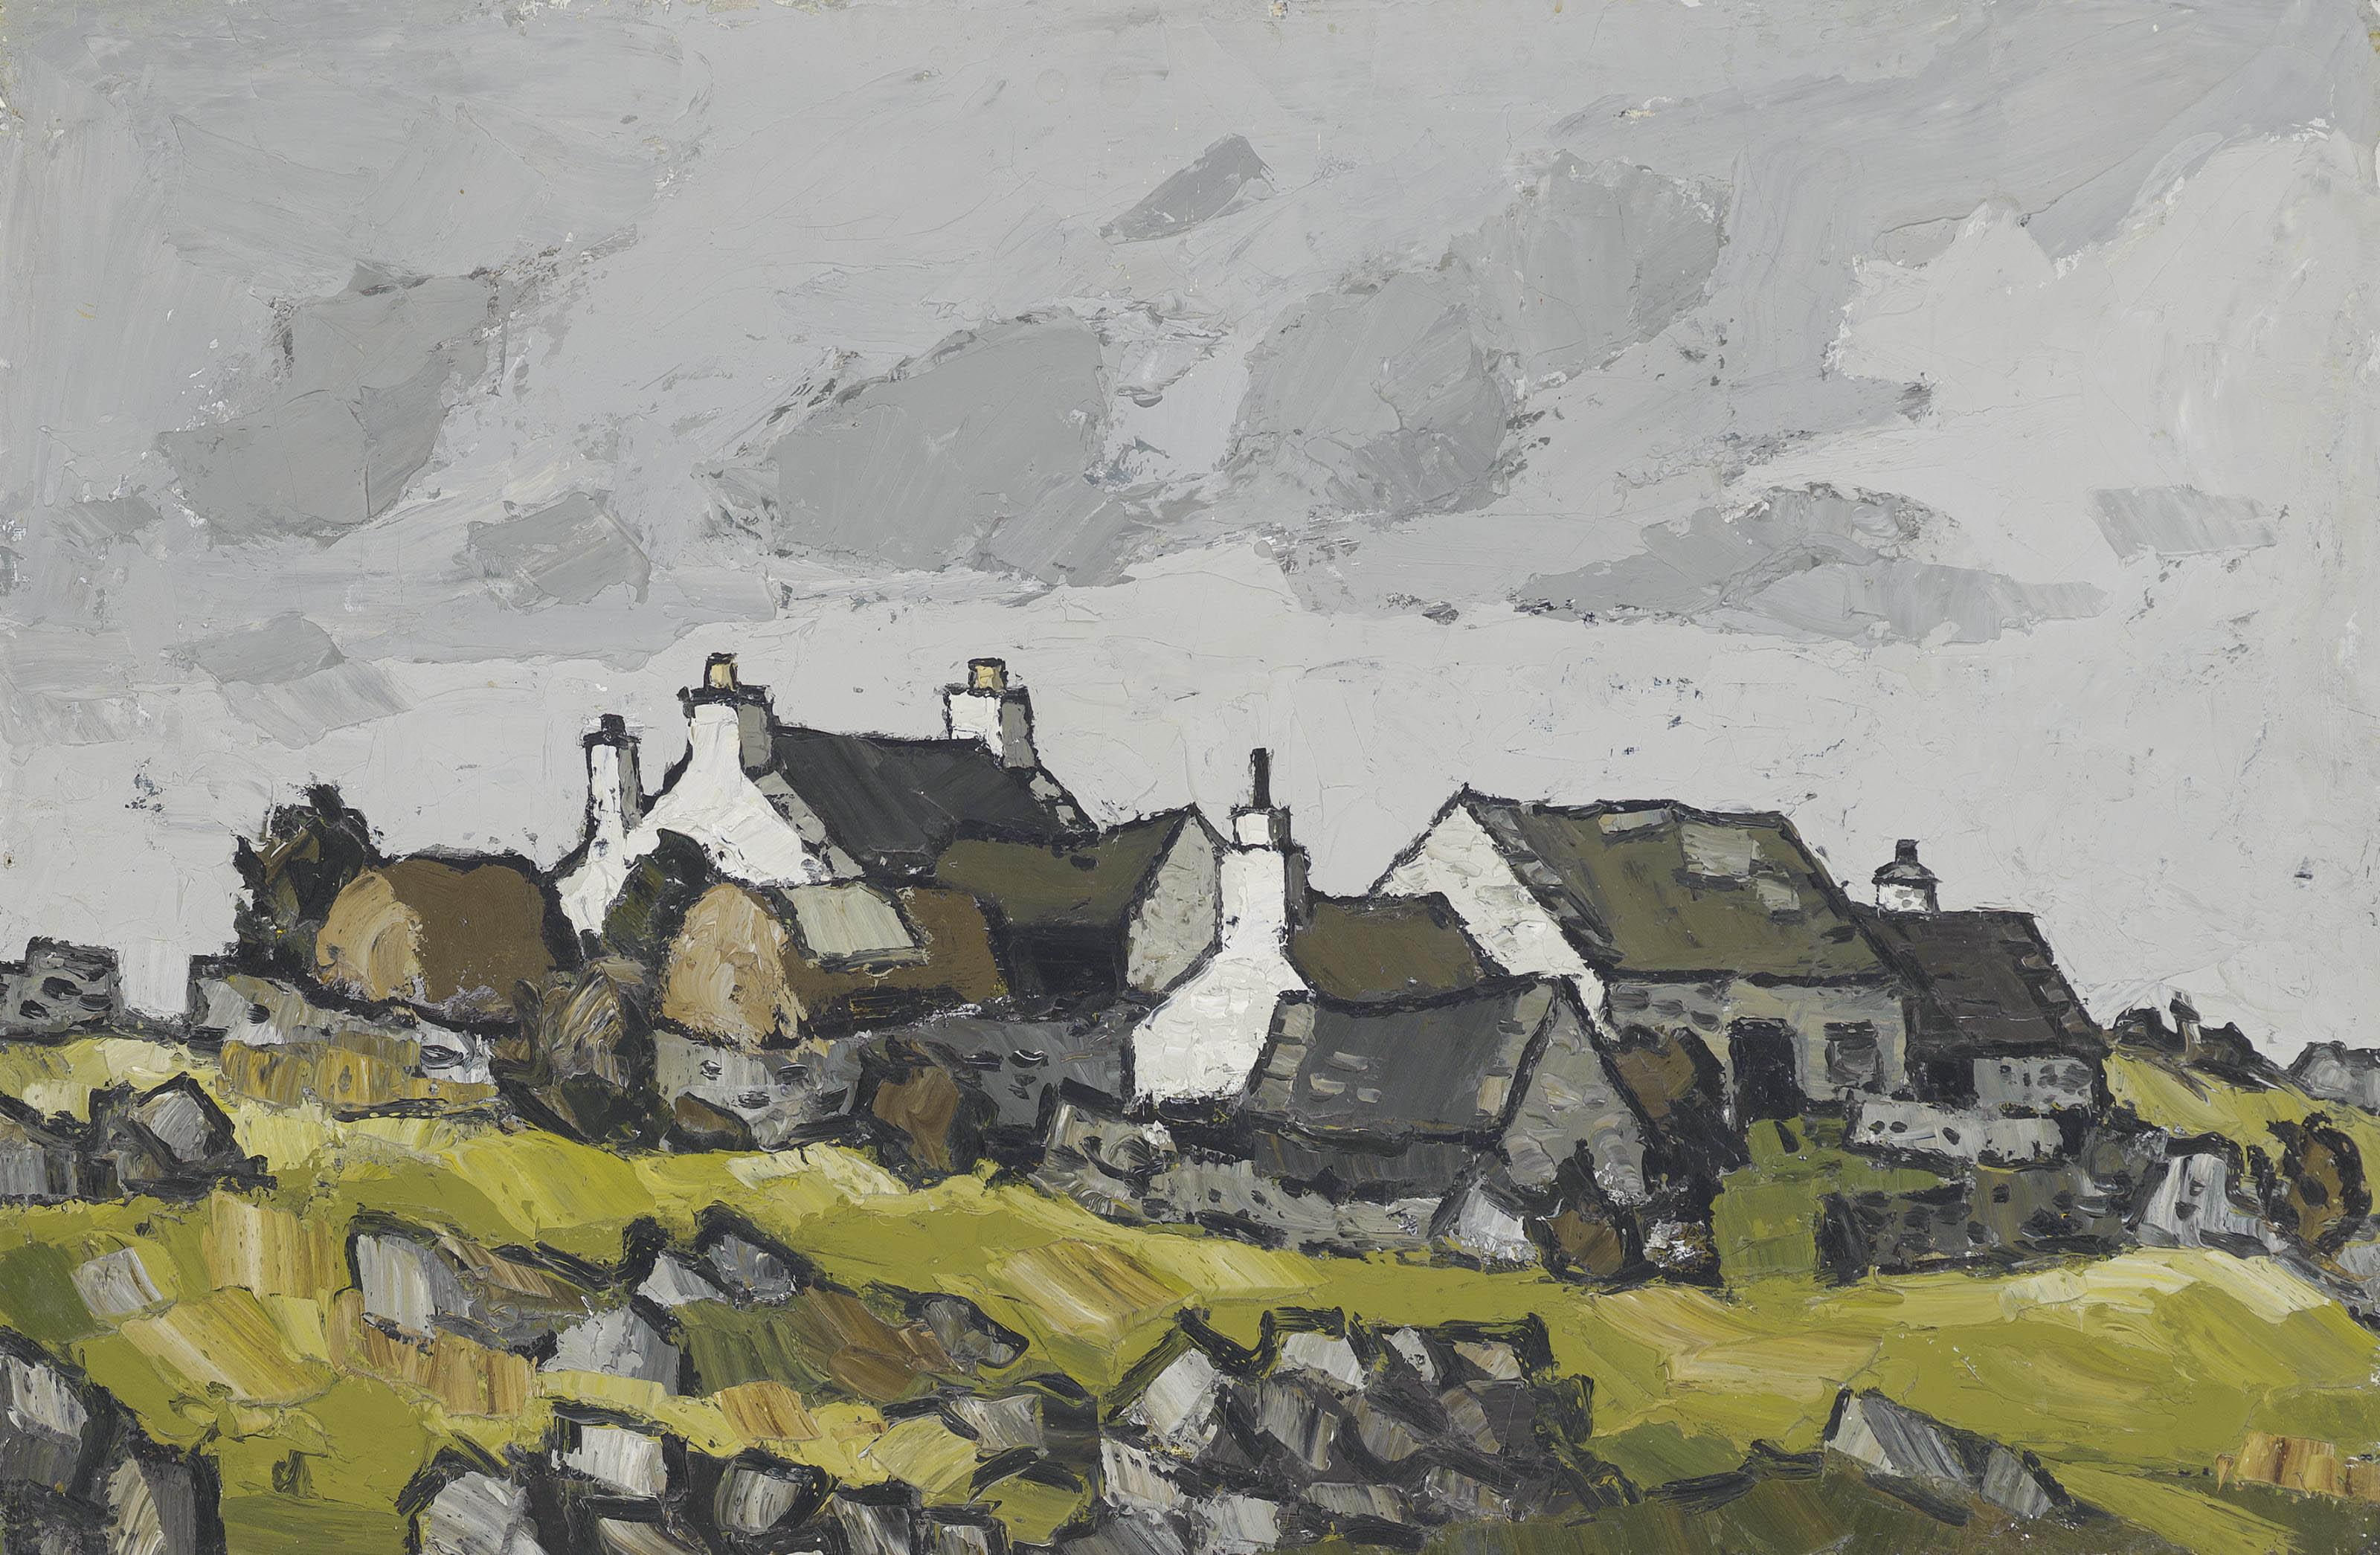 Cottages in a Welsh landscape